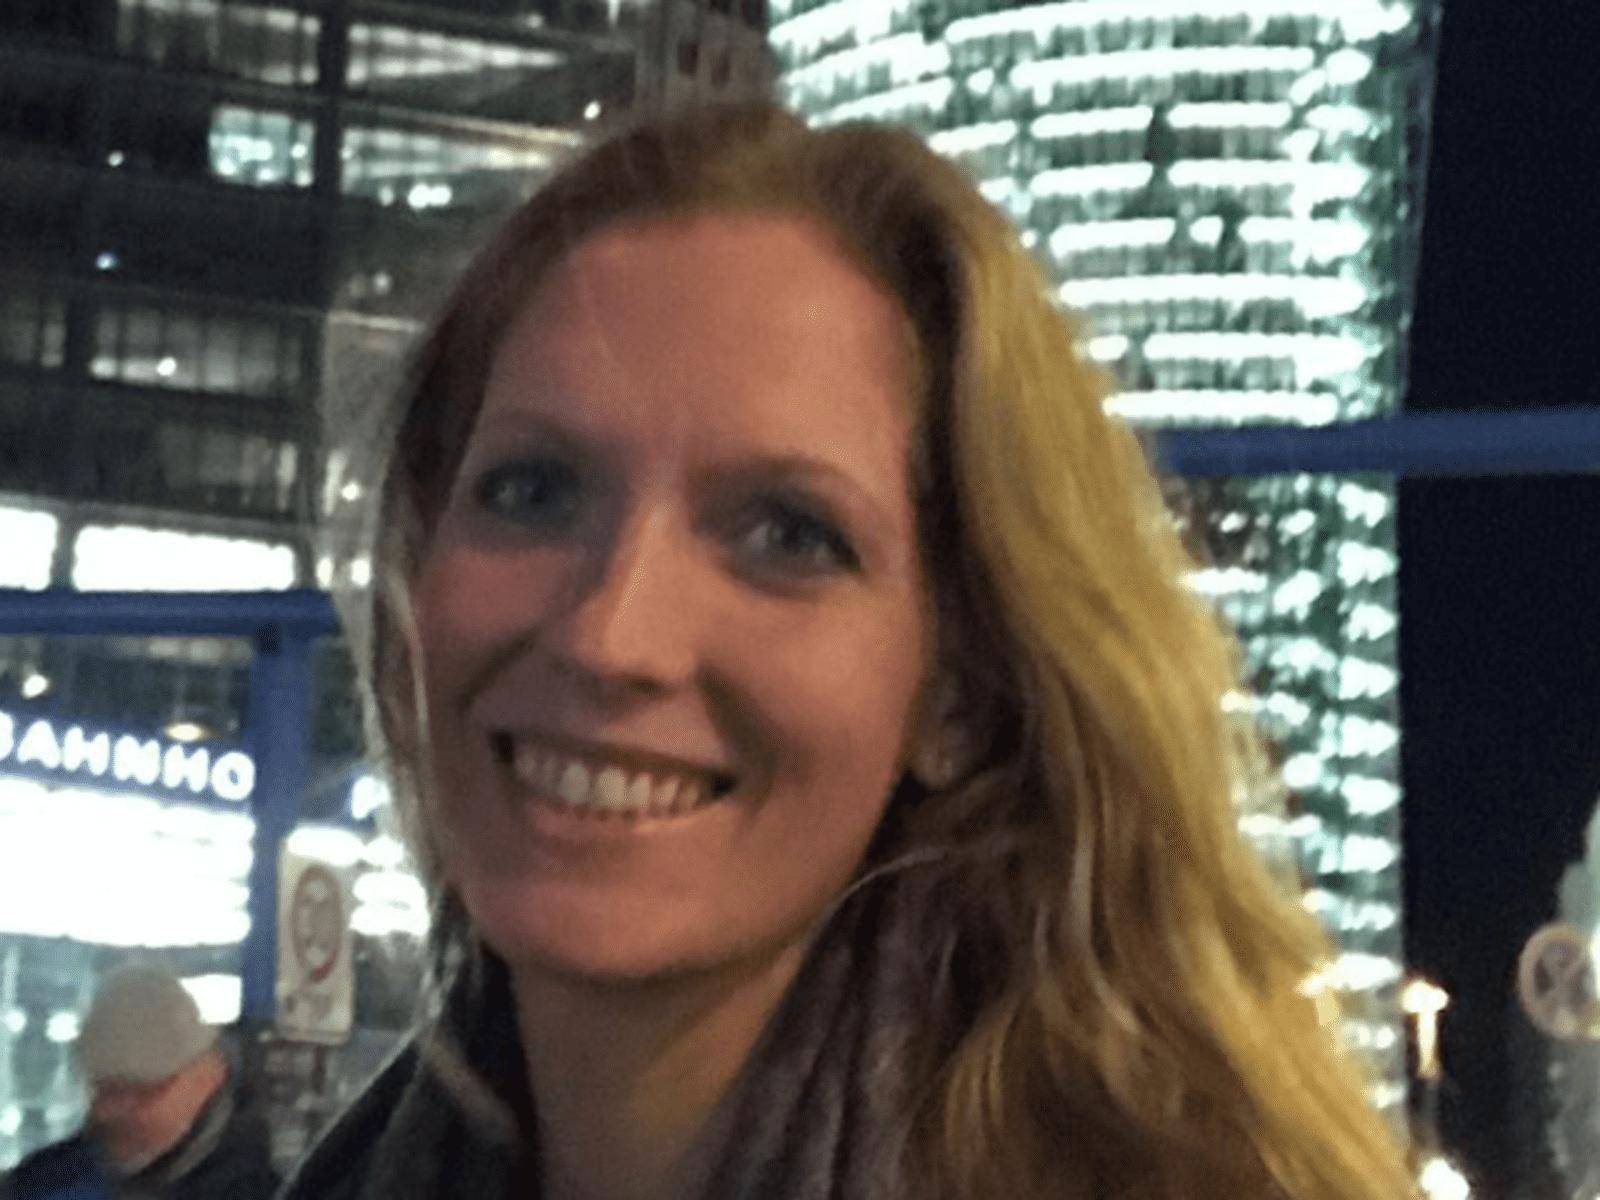 Jennifer from Berlin, Germany